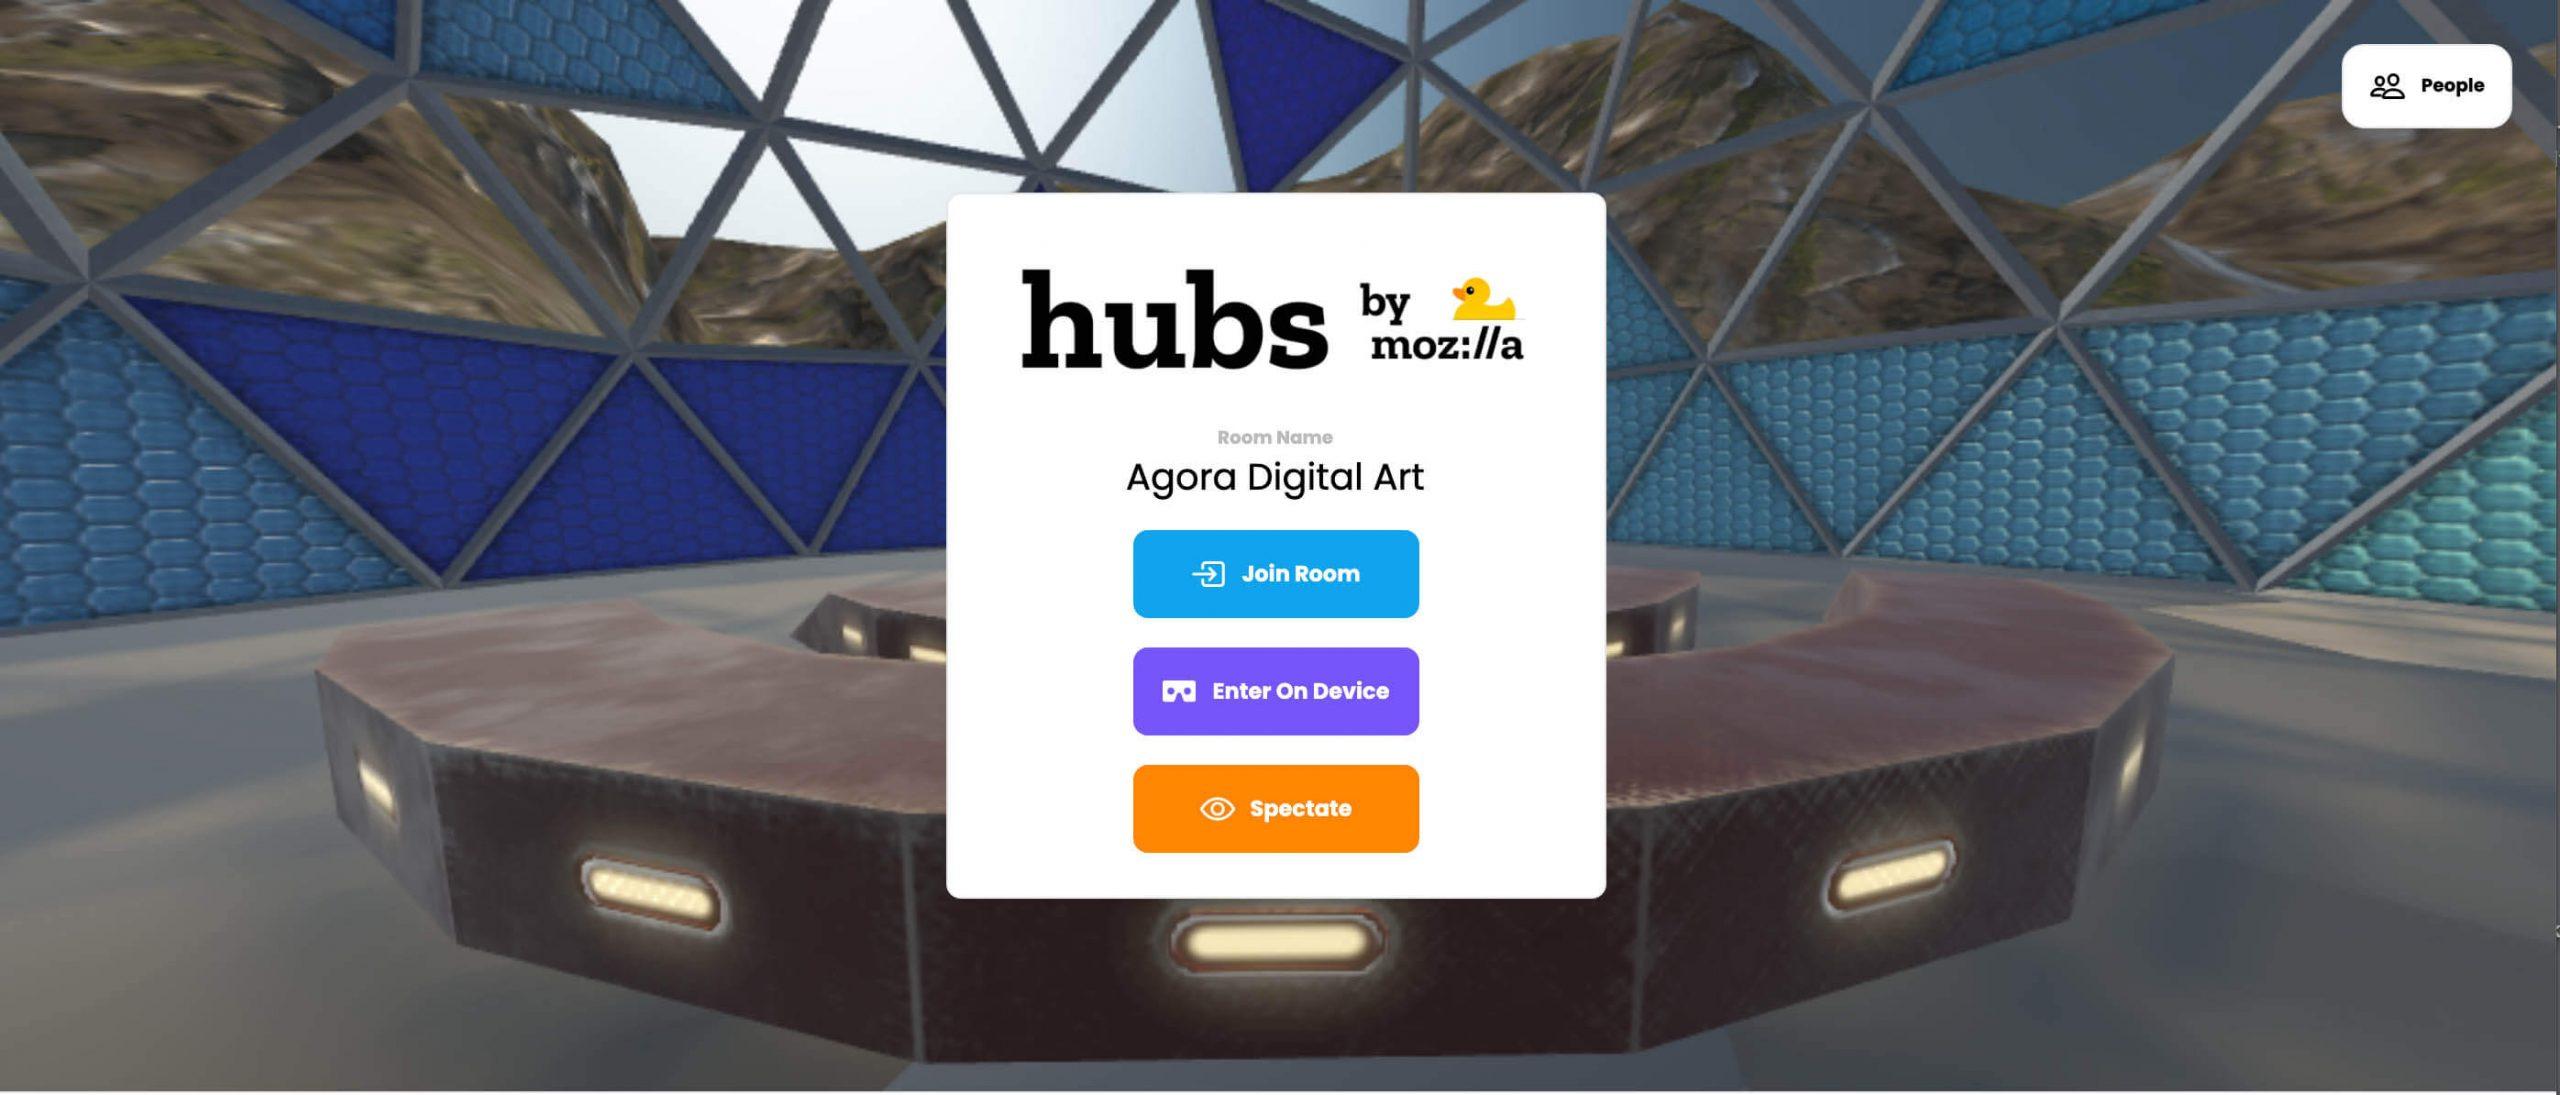 Agora Digital Art on Mozilla Hubs